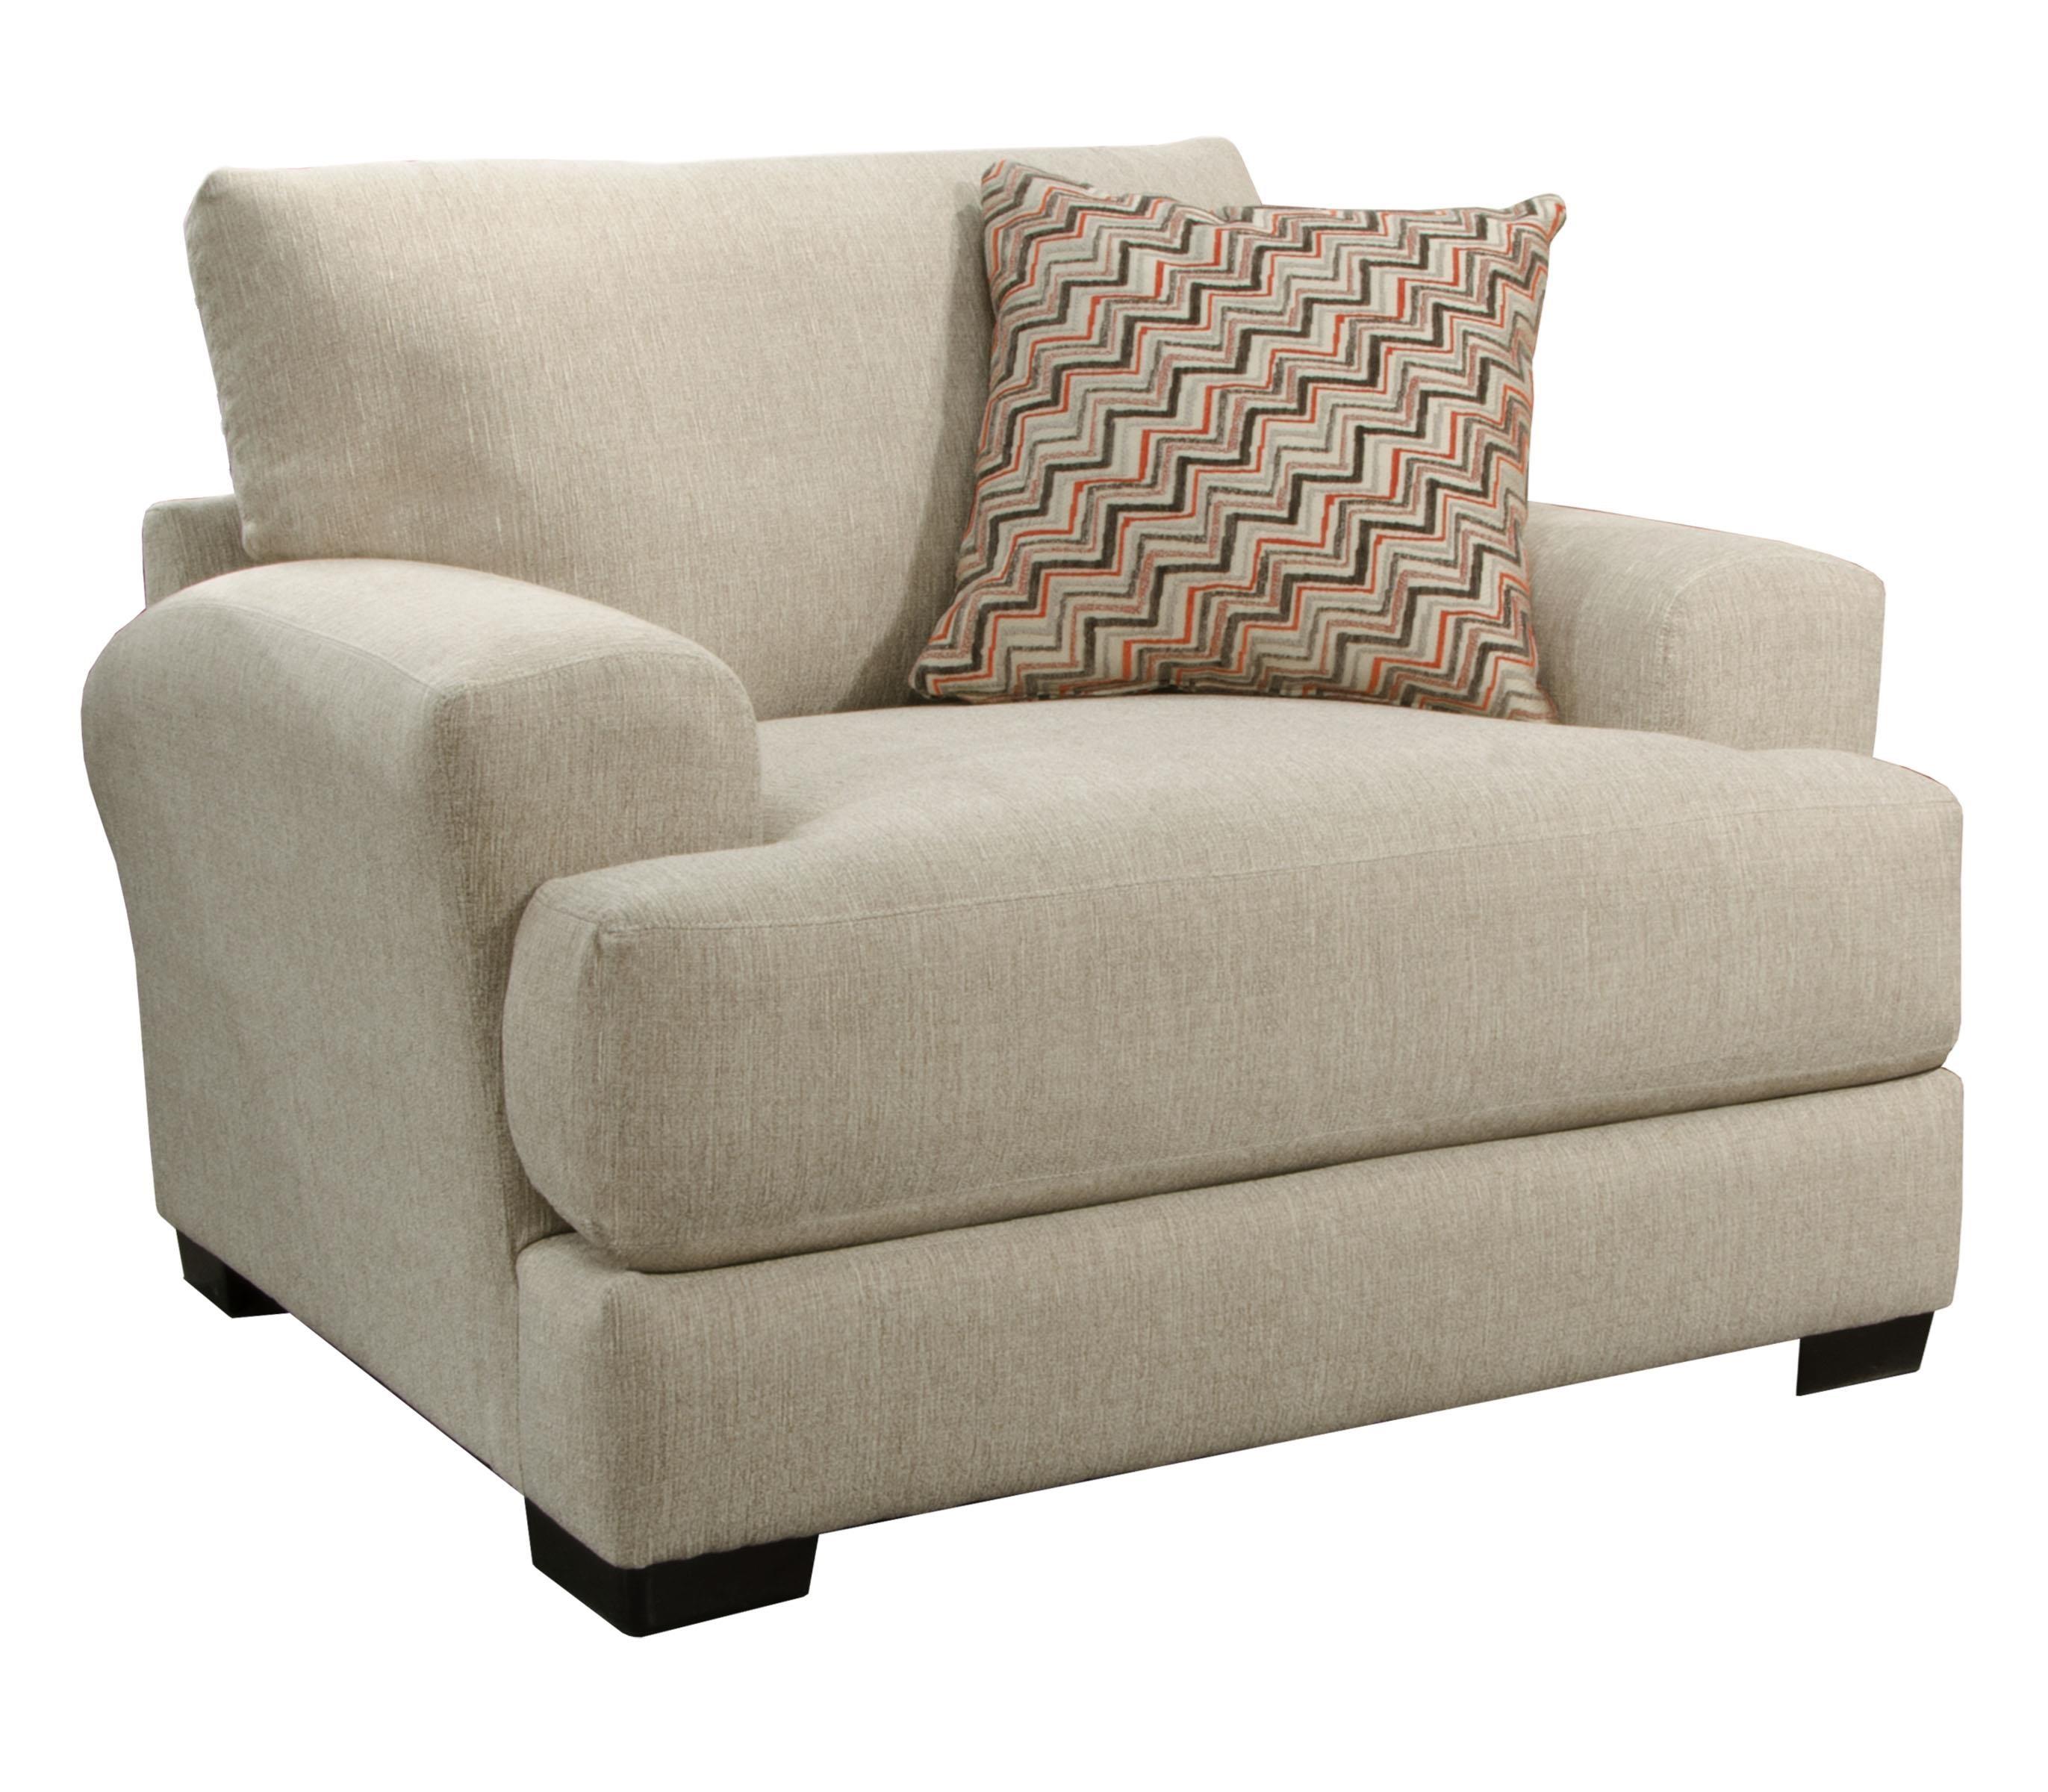 Jackson Furniture Ava CashewChair ...